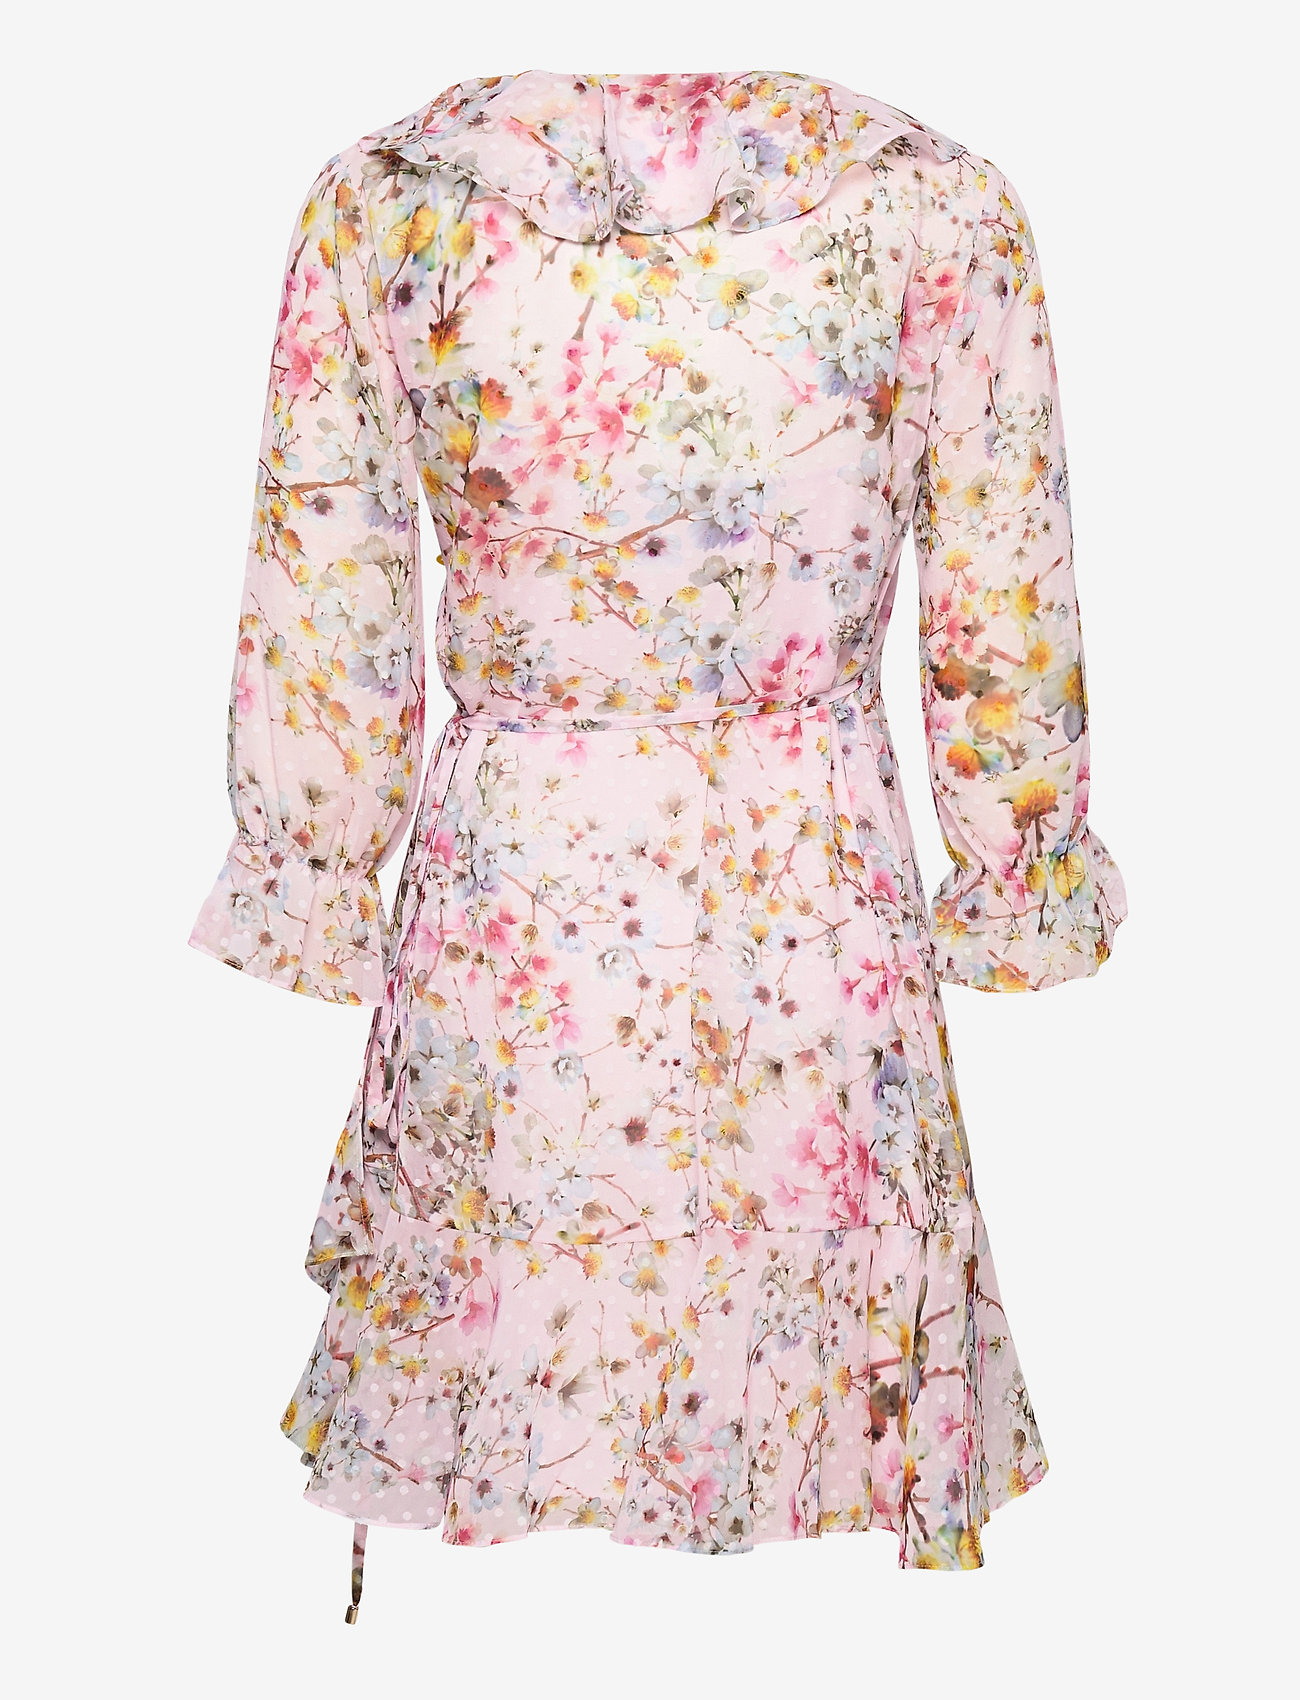 Gracye   - Ted Baker -  Women's Dresses High Quality